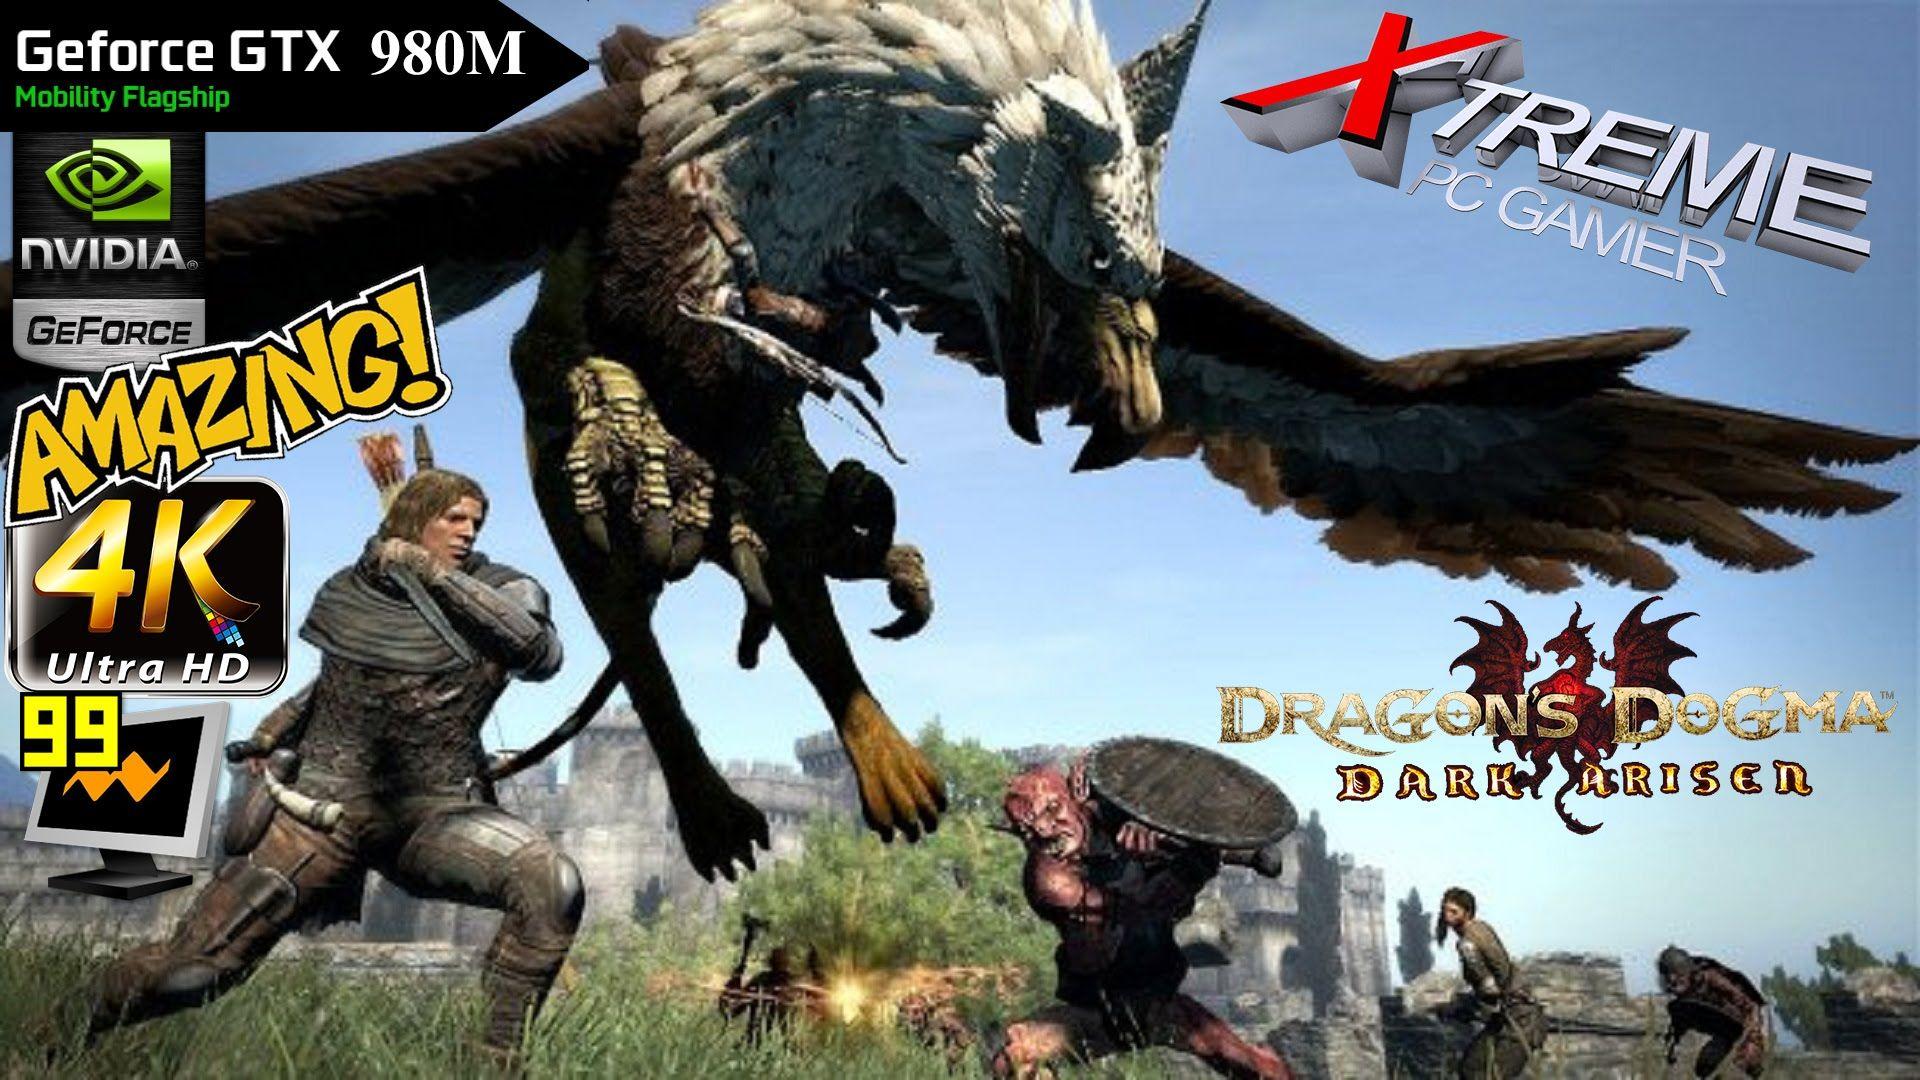 Dragon Dogma: Dark Arisen PC | 4K vs  1080p | 980M Benchmark